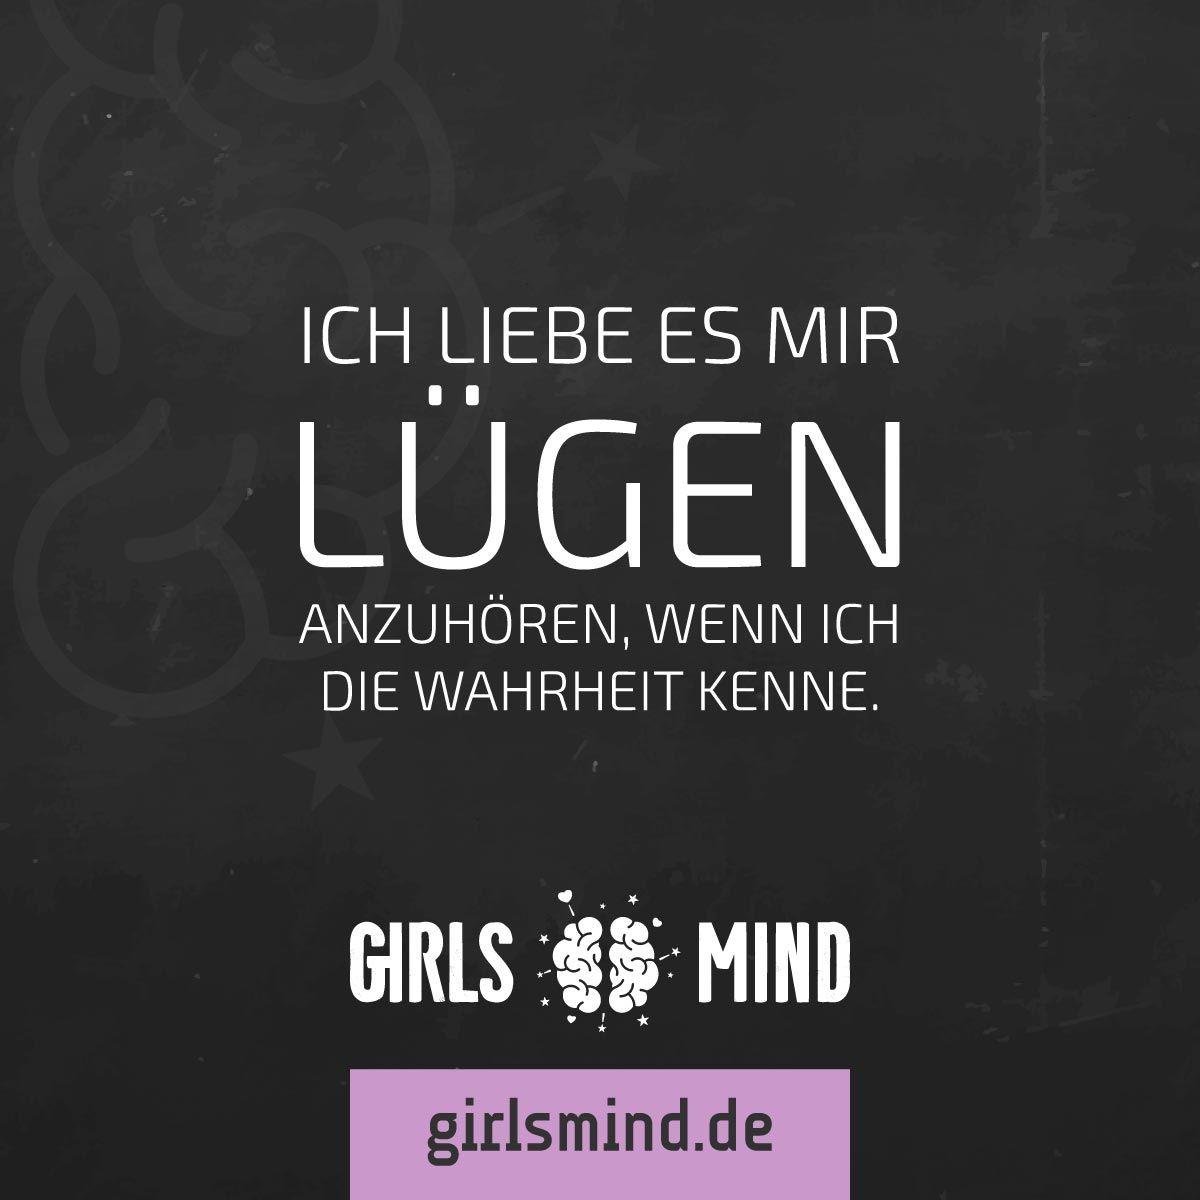 Mehr Sprüche auf: .girlsmind.de #lüge #lügen #freundschaft